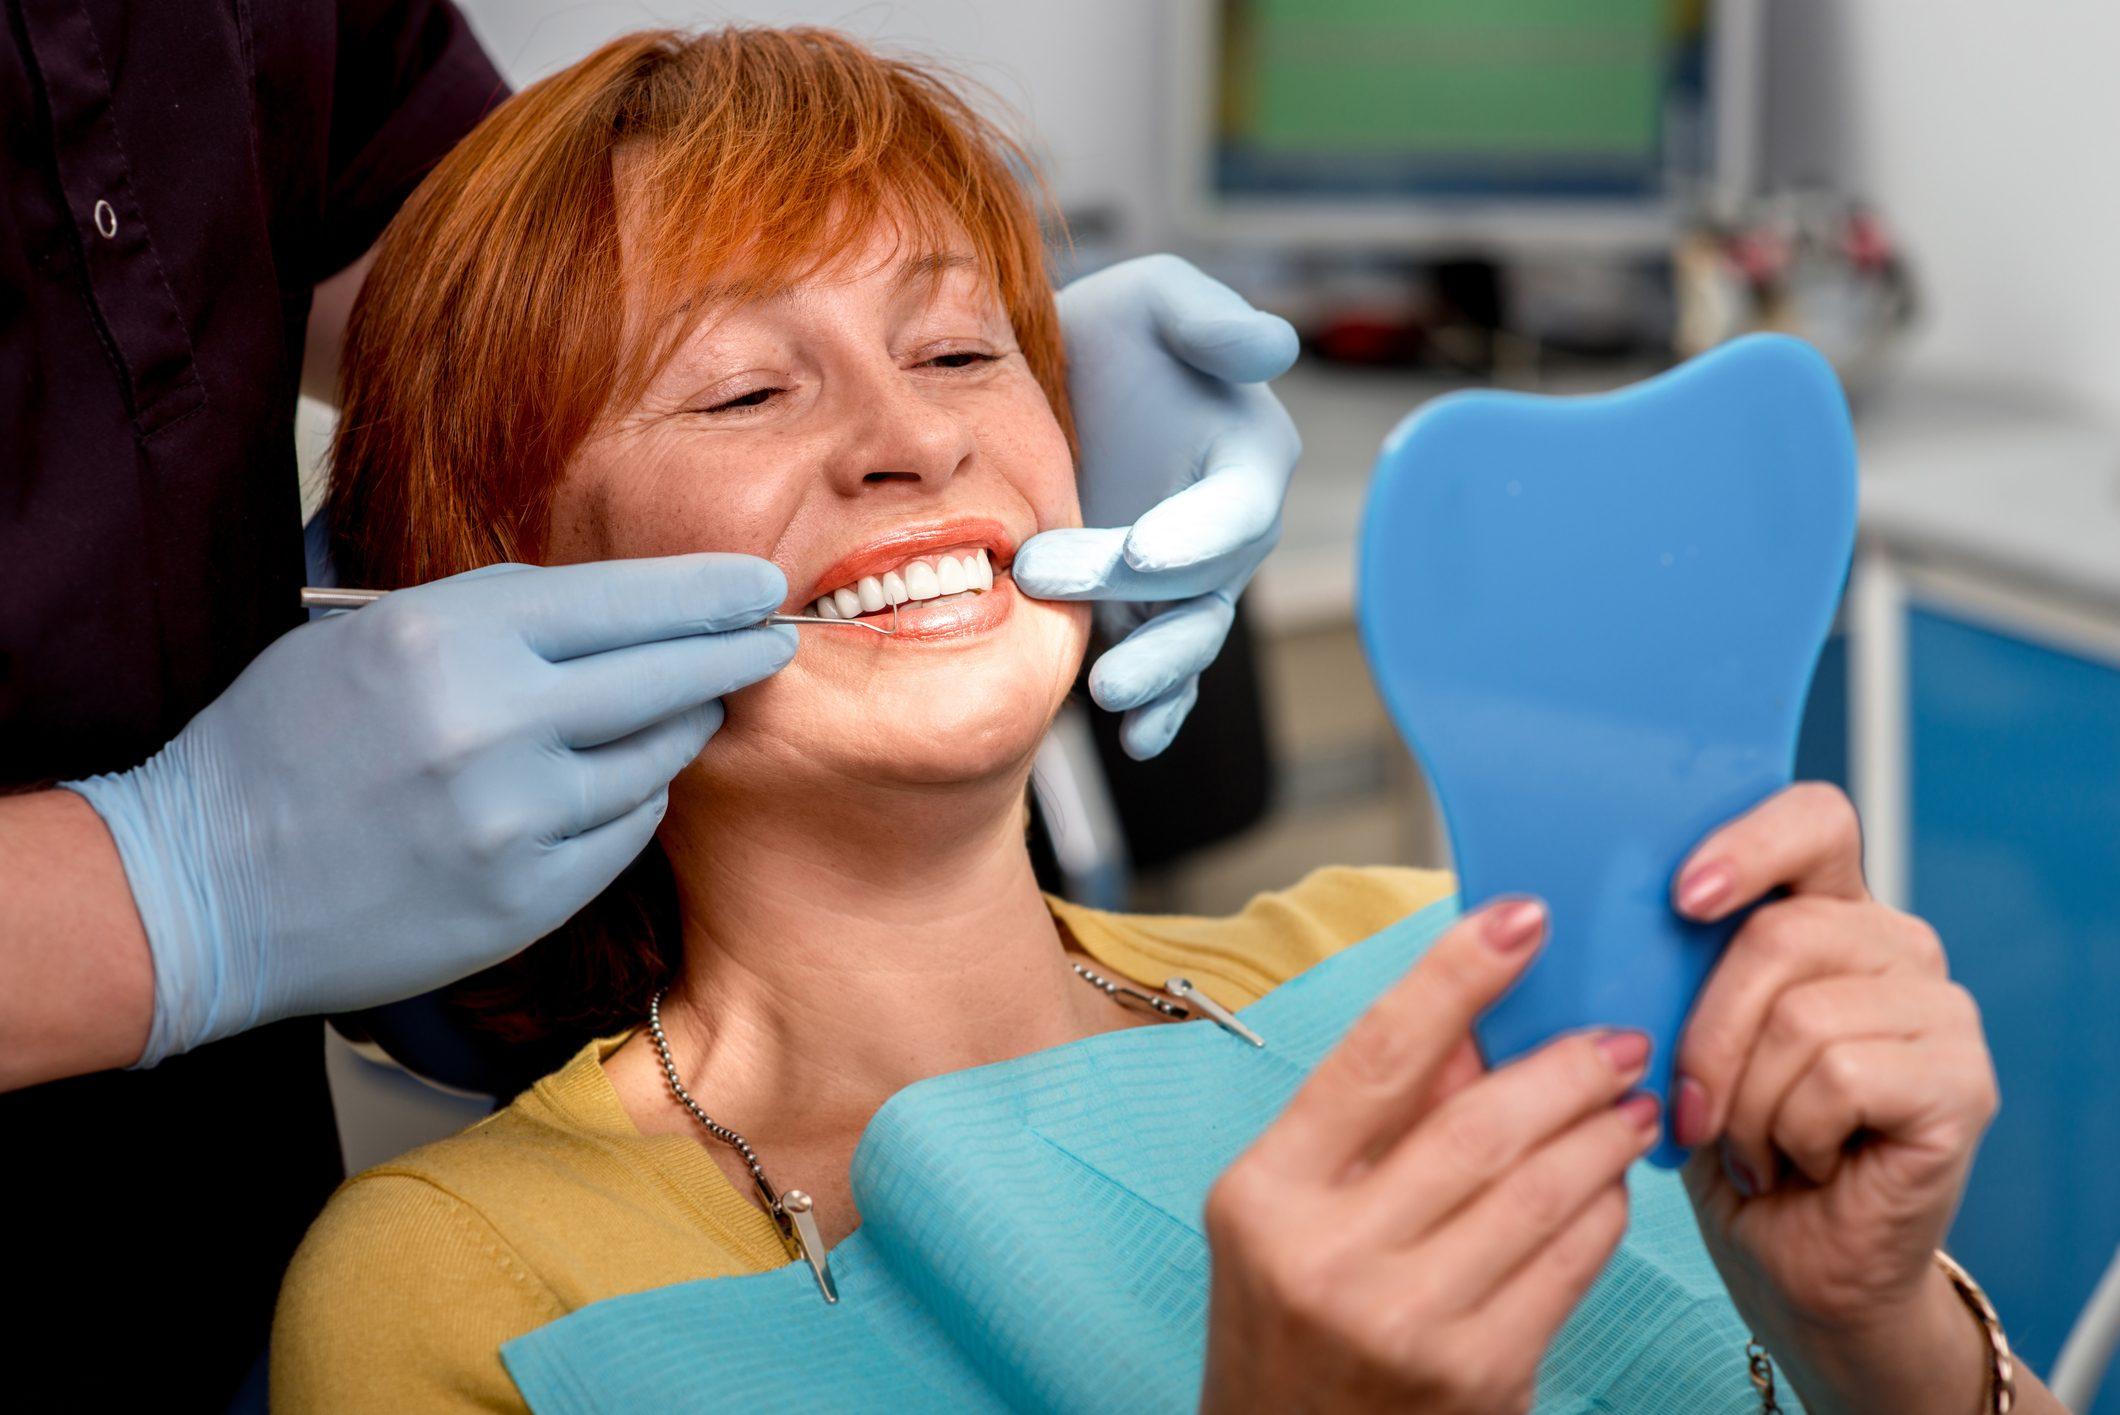 Perdita Denti.. Cause e Soluzioni | AKOS Centro Odontoiatrico Dentisti Specializzati a Parma Carpi Modena Reggio Emilia Mantova